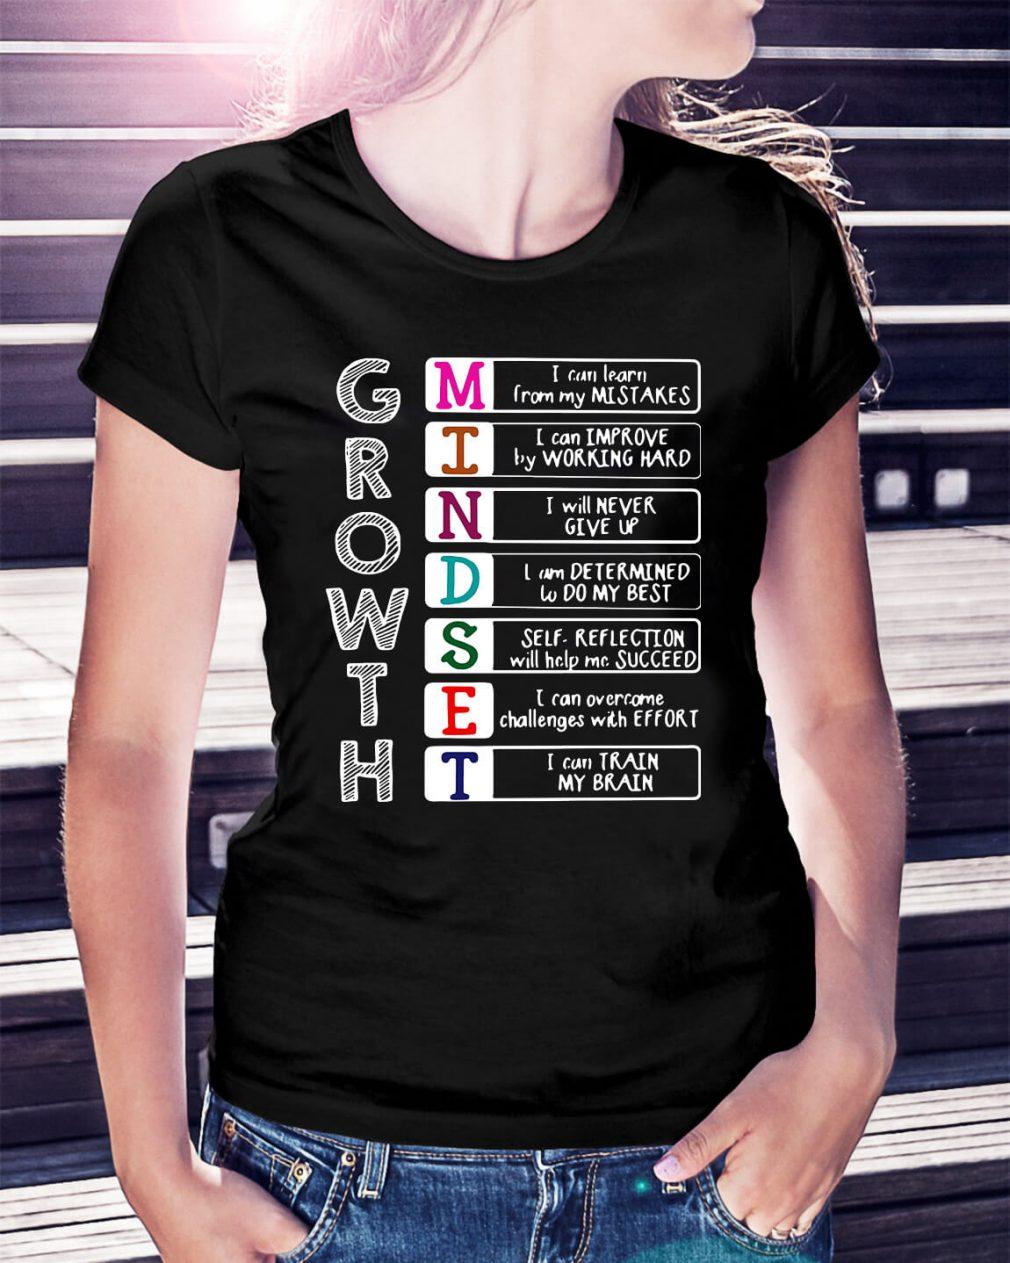 Growth mindest shirt